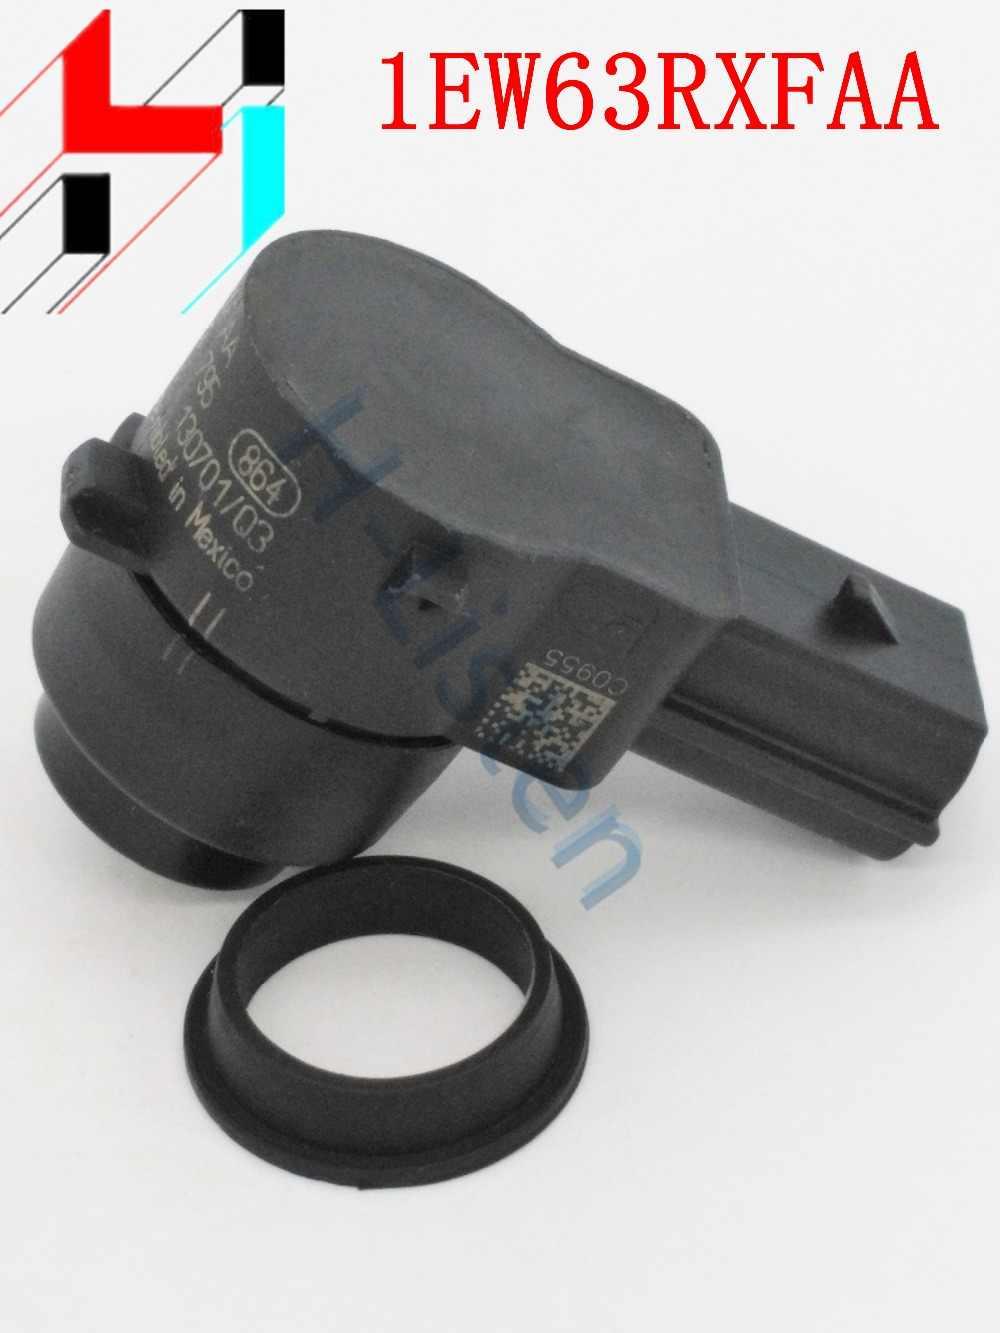 1 قطعة) نوعية جيدة الأصلي 100% العمل 1EW63TRMAA 0263003676 1EW63RXFAA ل PDC بالموجات فوق الصوتية وقوف السيارات مساعدة مساعدة الاستشعار